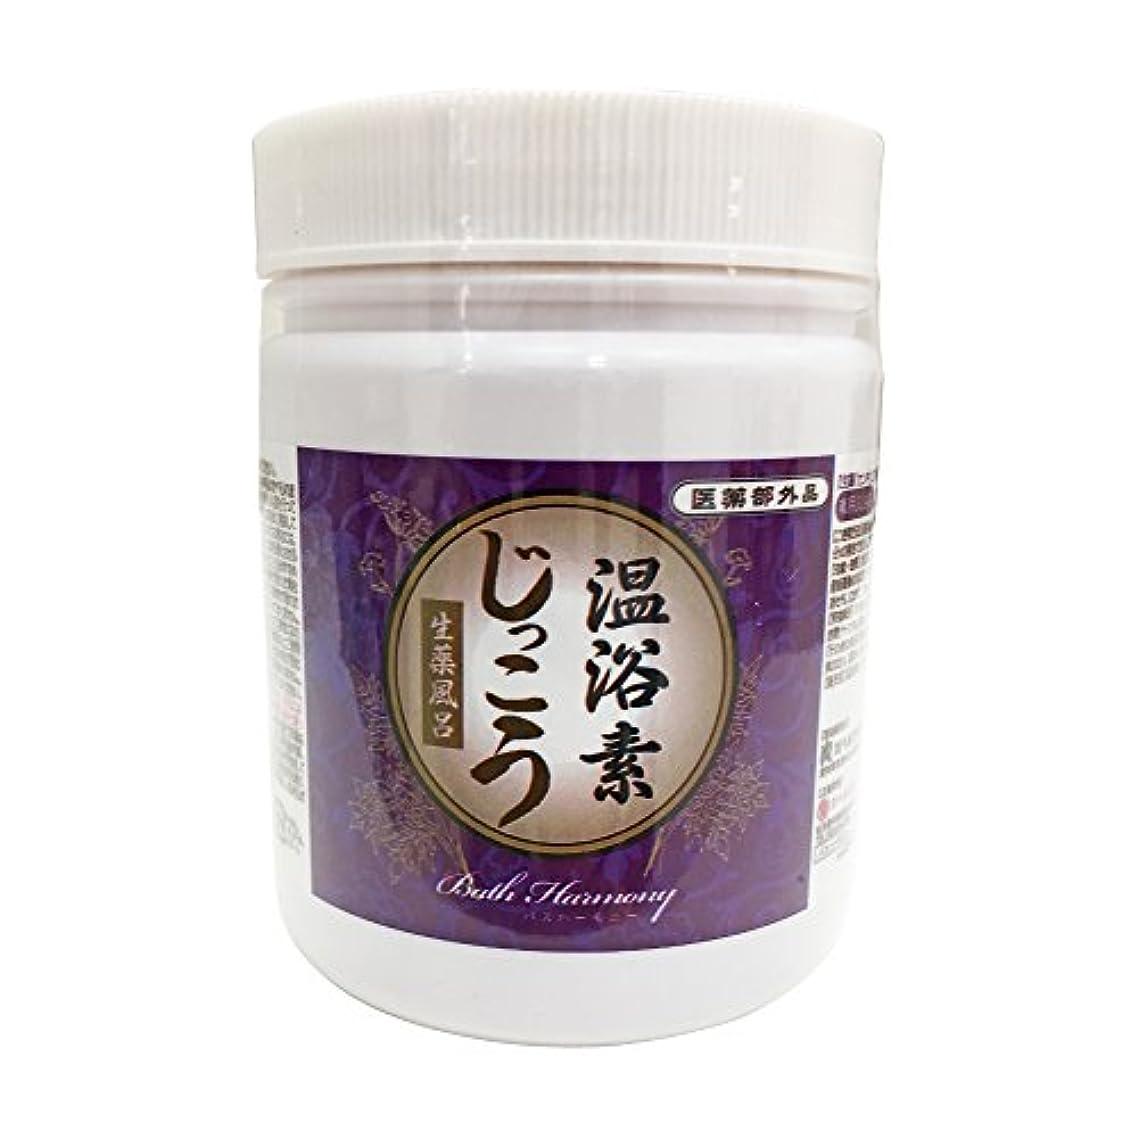 観察解決ビリーヤギ温浴素 じっこう 500g 約25回分 粉末 生薬 薬湯 医薬部外品 ロングセラー 天然生薬 の 香り